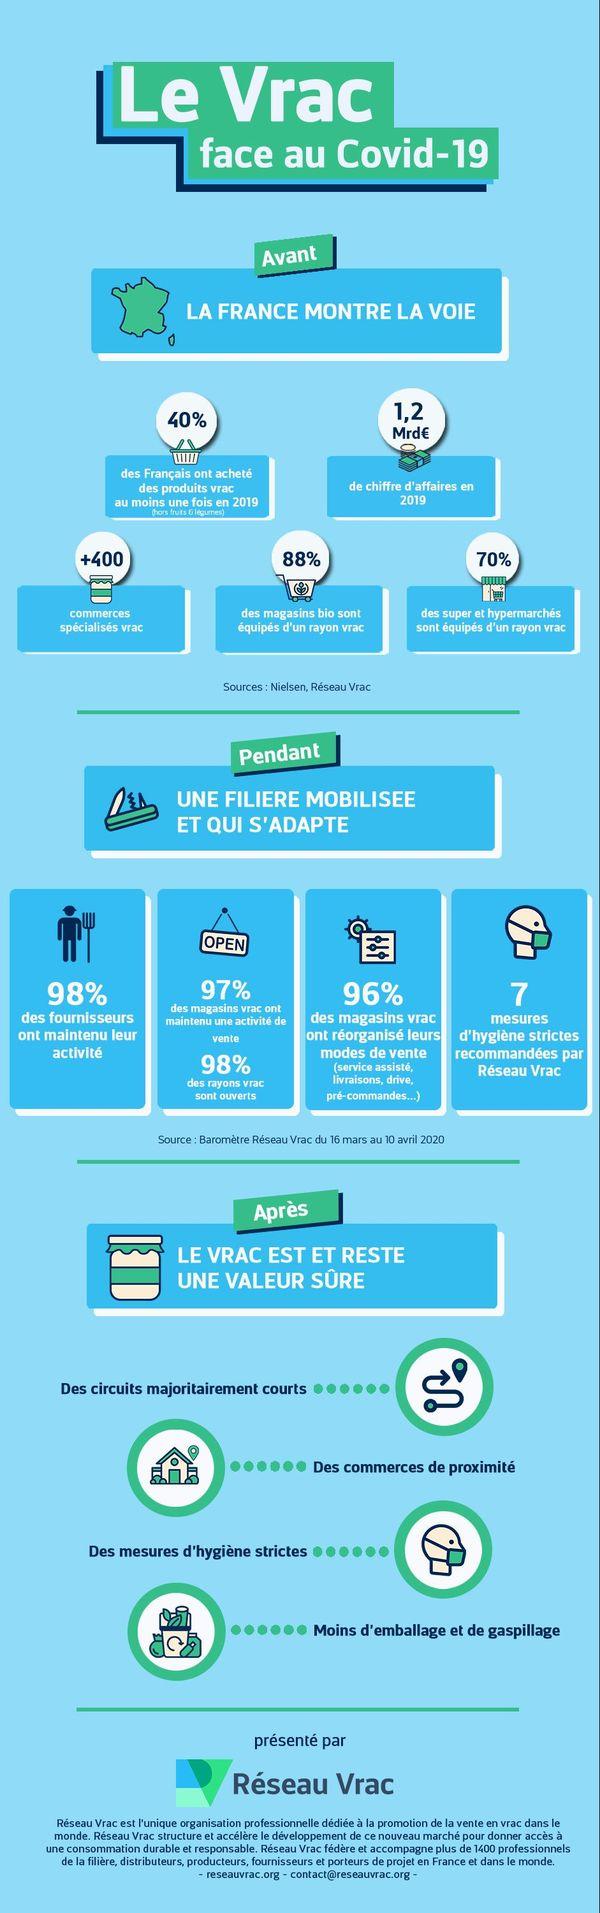 Covid19 : L'infographie de Réseau Vrac pour revenir sur le vrac avant, pendant et après la crise sanitaire